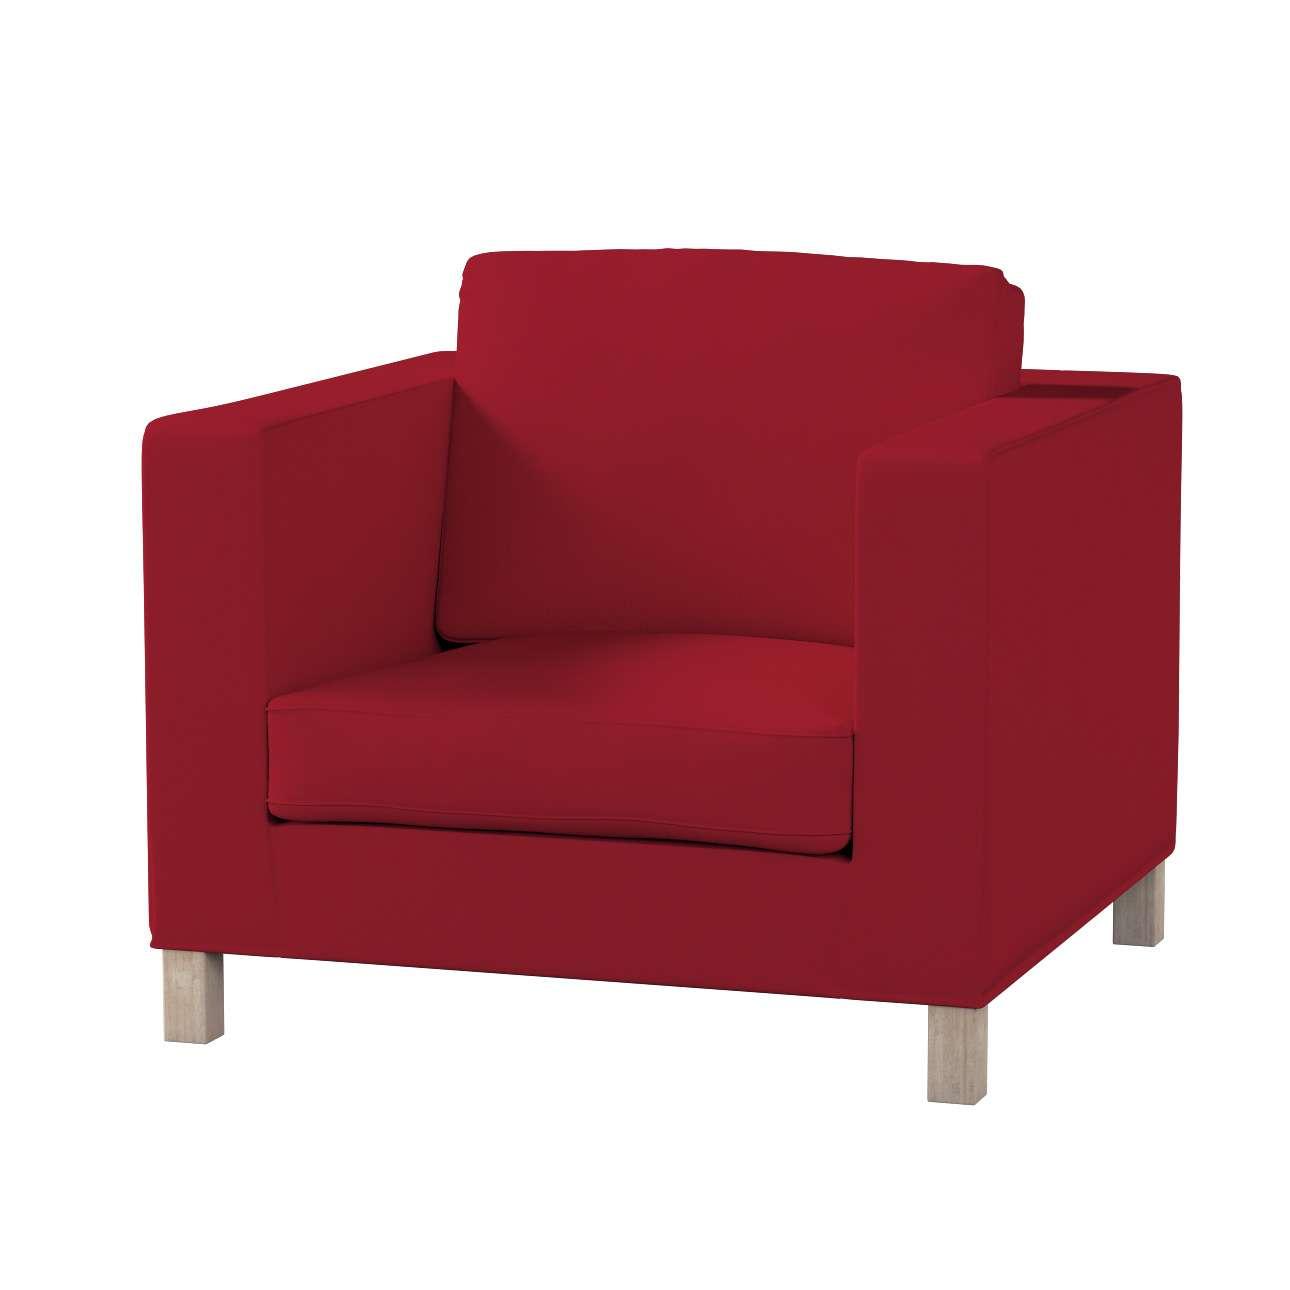 KARLANDA fotelio užvalkalas KARLANDA fotelio užvalkalas kolekcijoje Chenille, audinys: 702-24